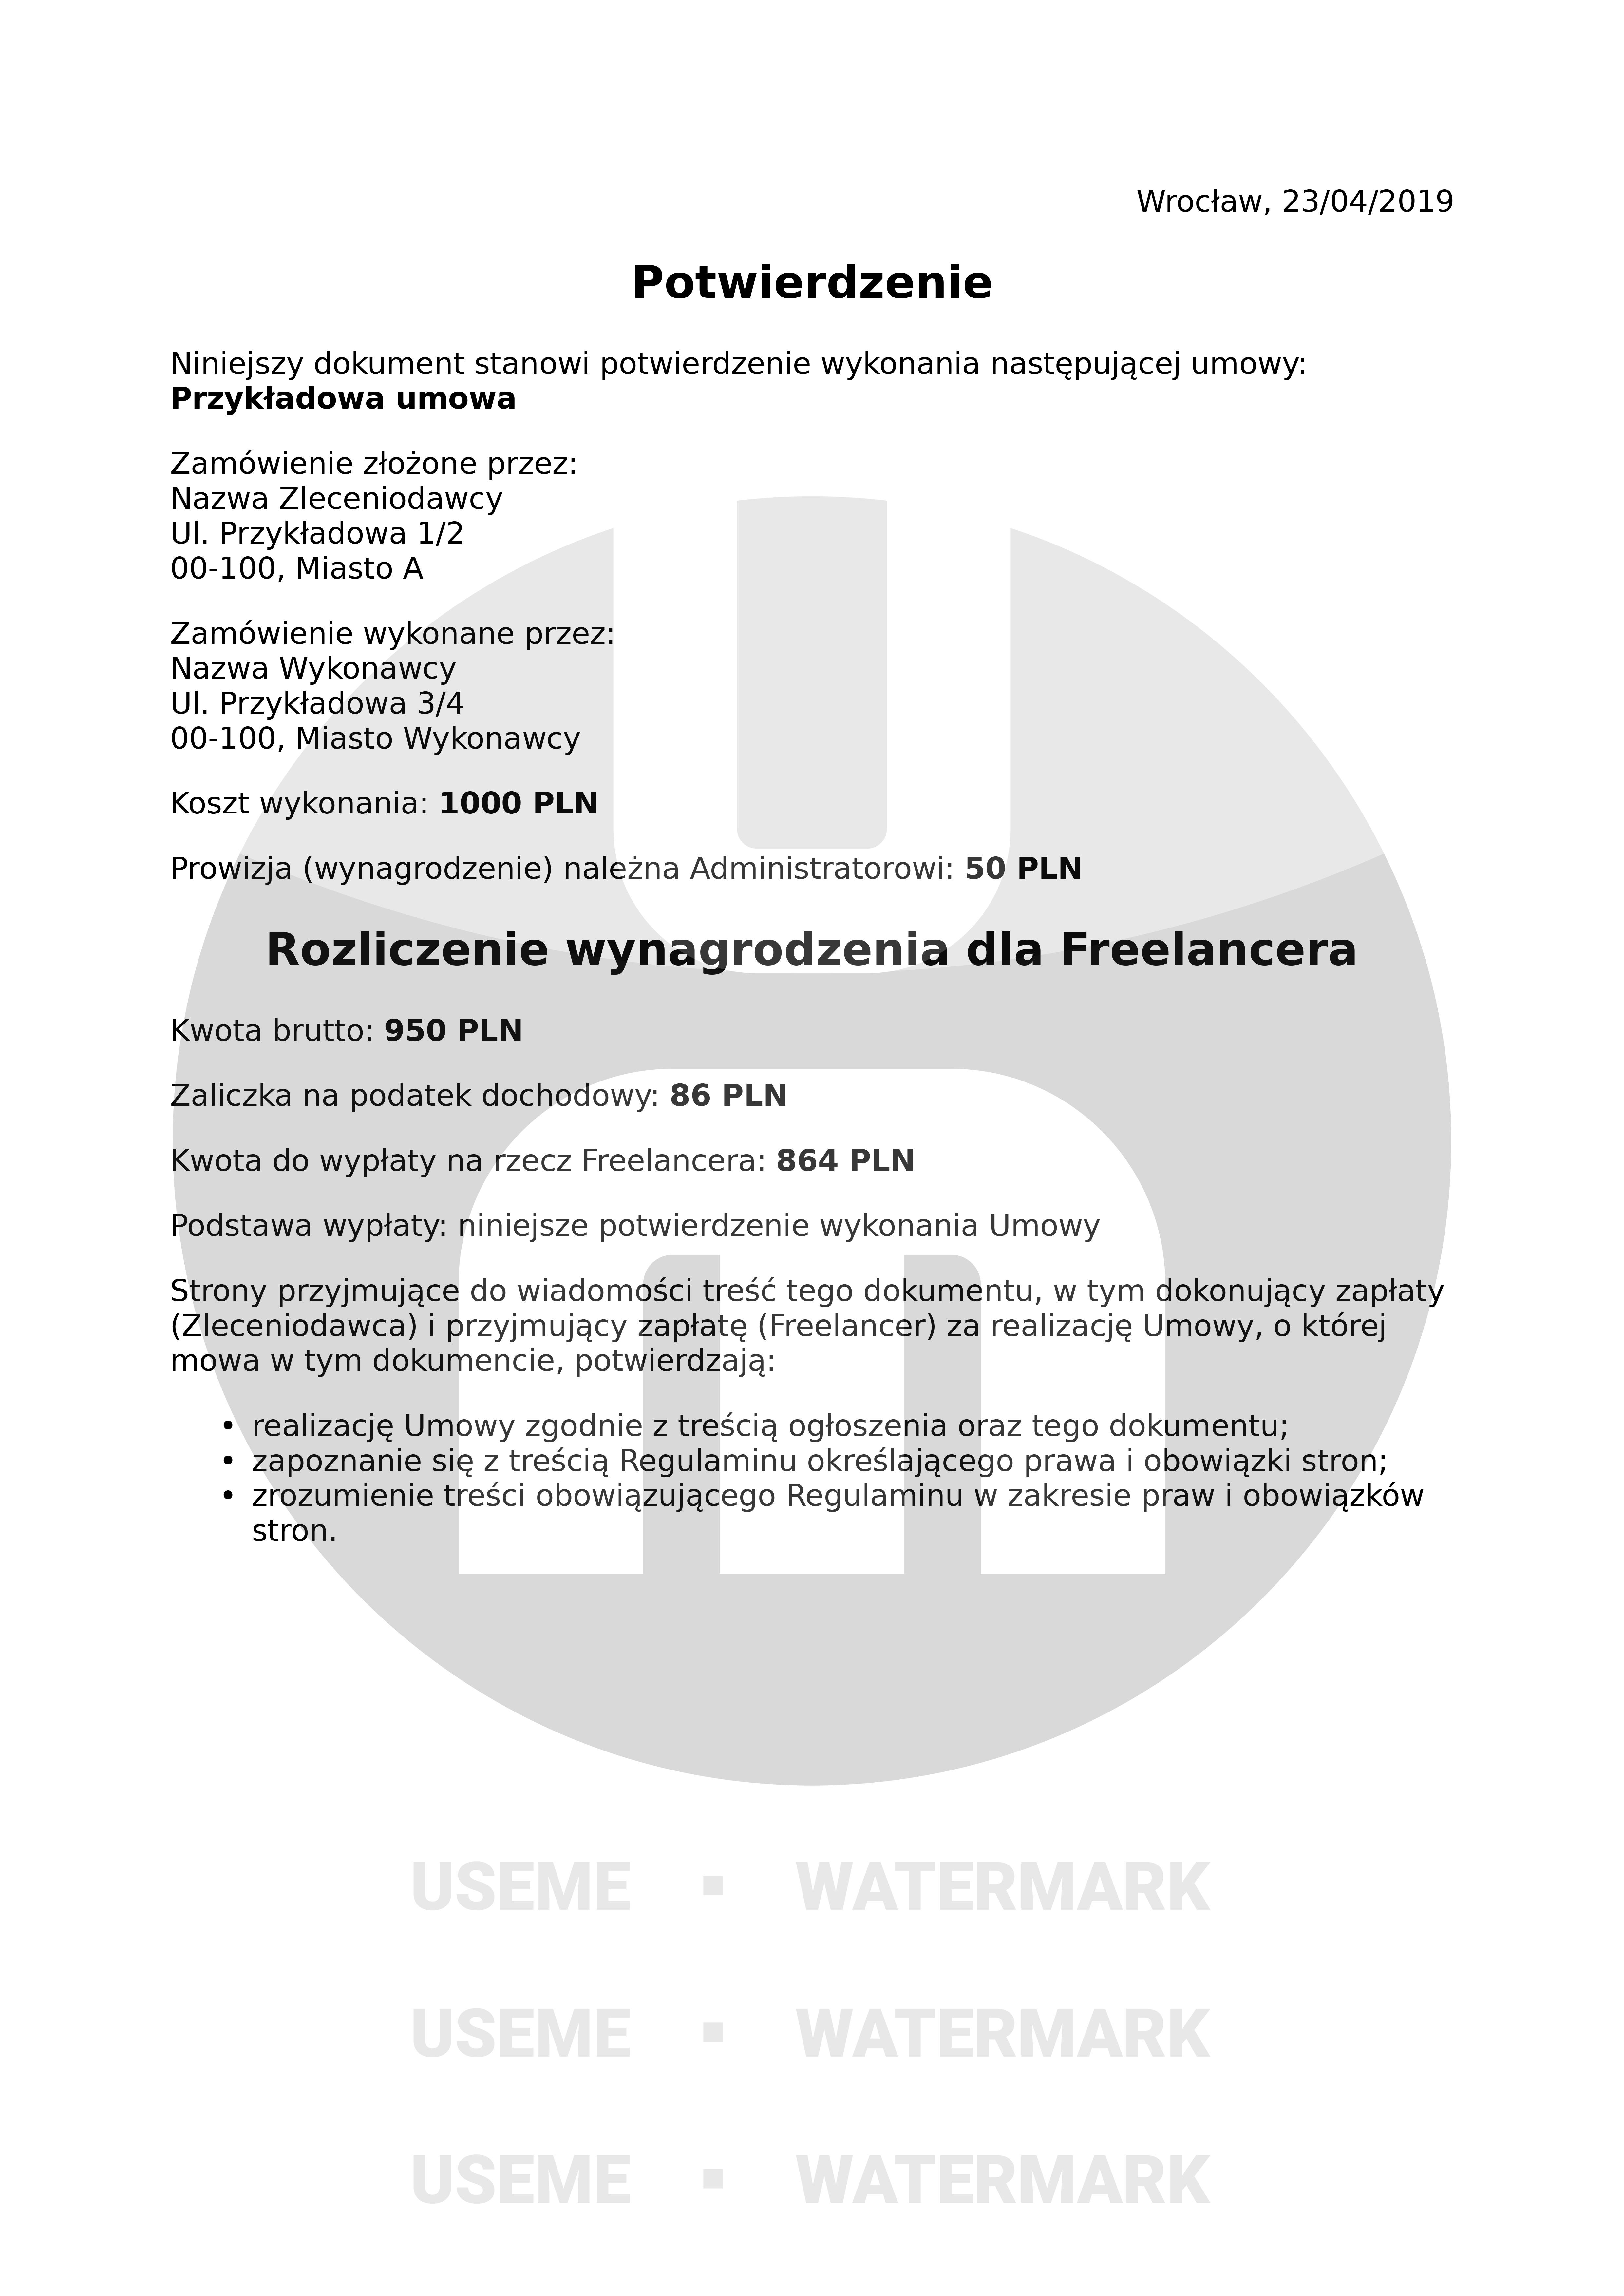 https://useme-prod-public.s3.amazonaws.com/help-images/confirmation-UMBB2D6X_t.jpg